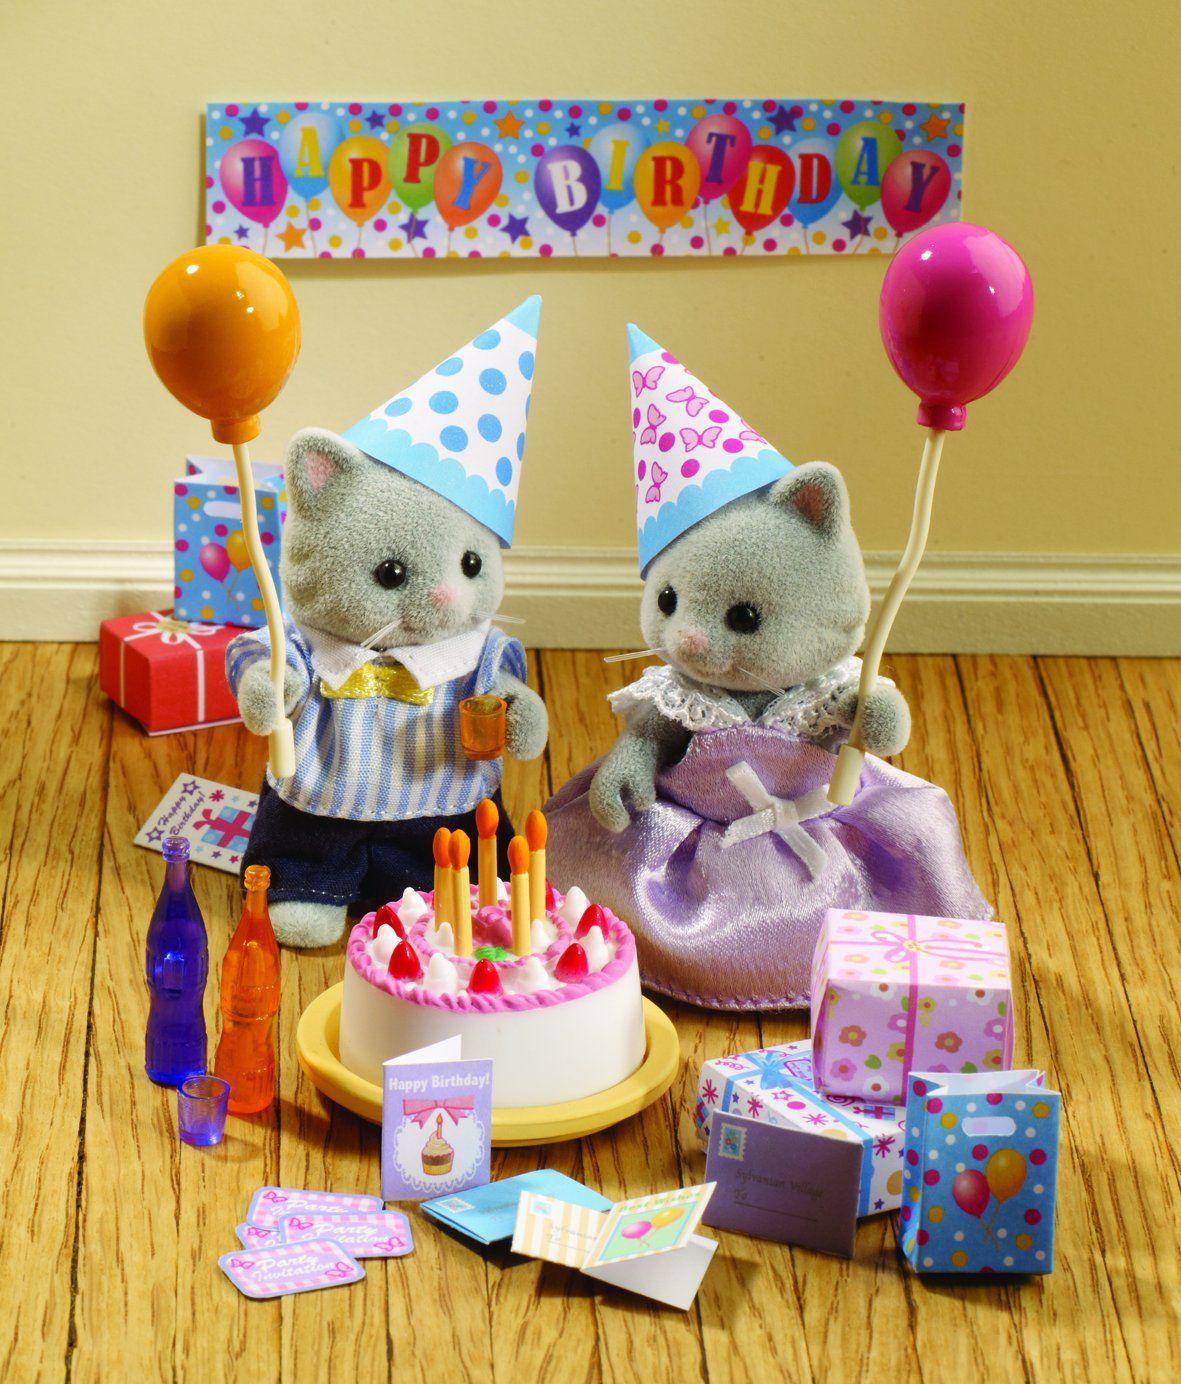 Sylvanian Families Birthday Party Set Toys